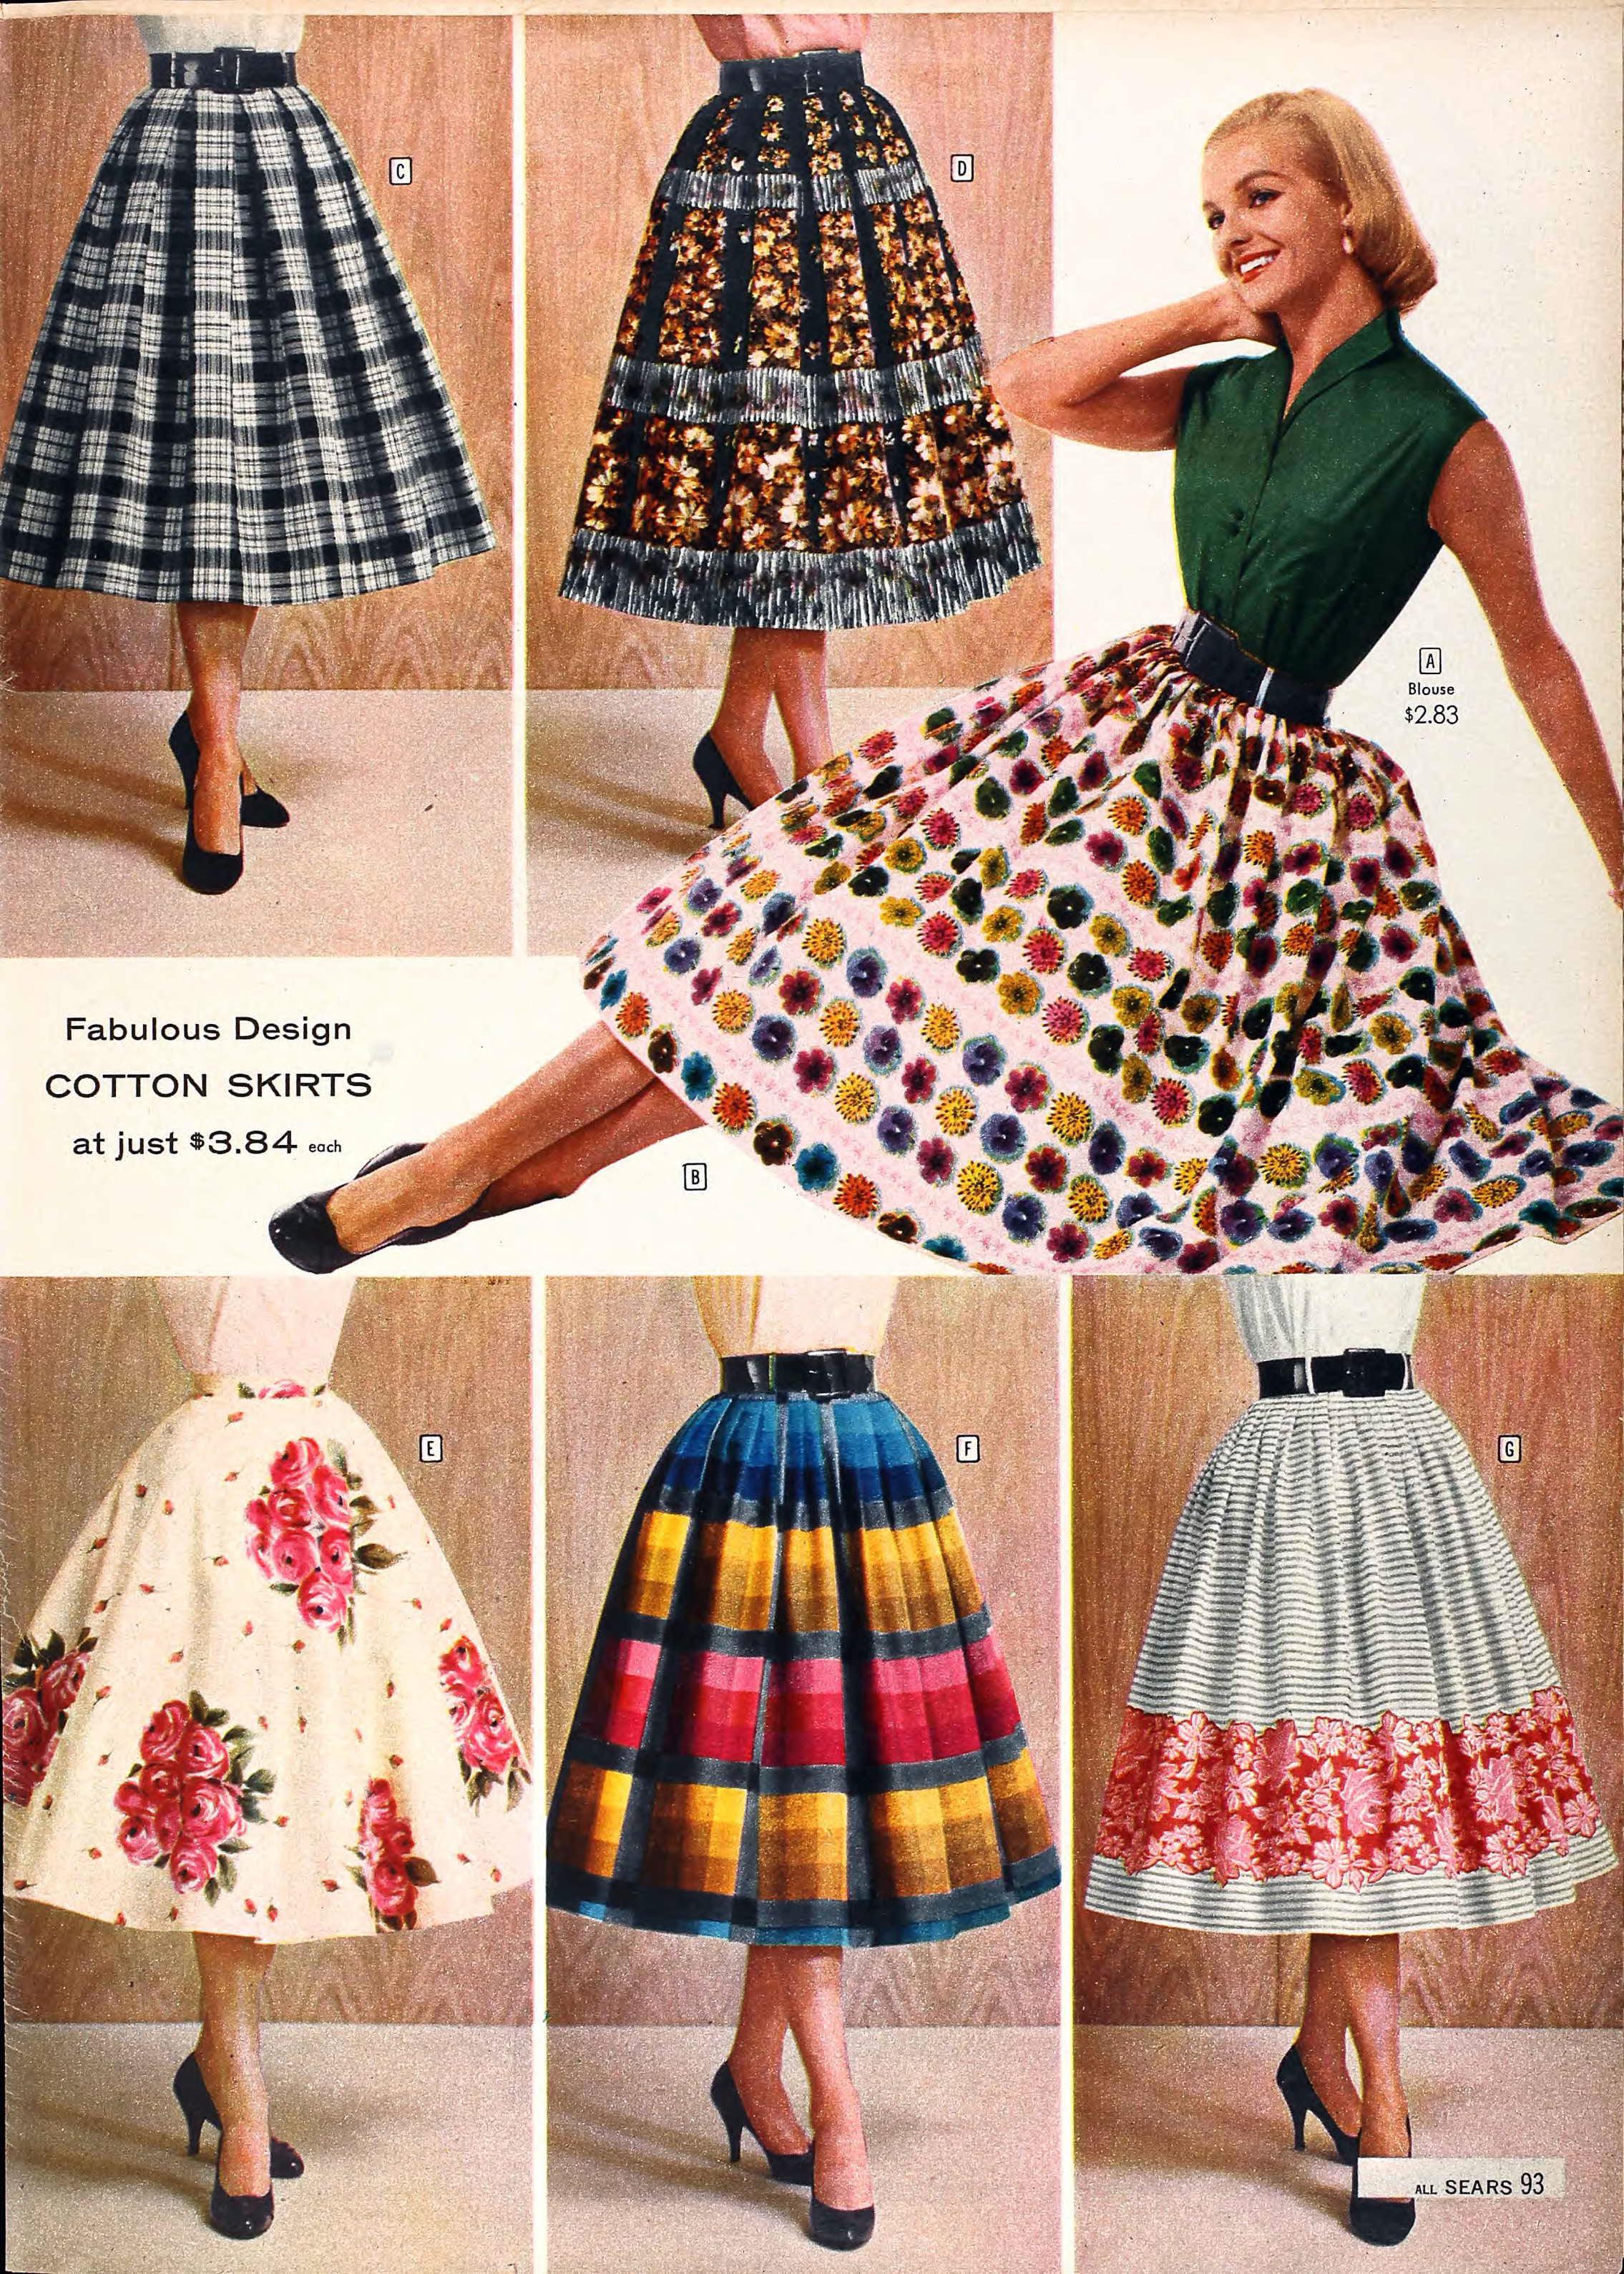 6c6efc2ebb6 Sears Catalog Highlights  Spring Summer 1958